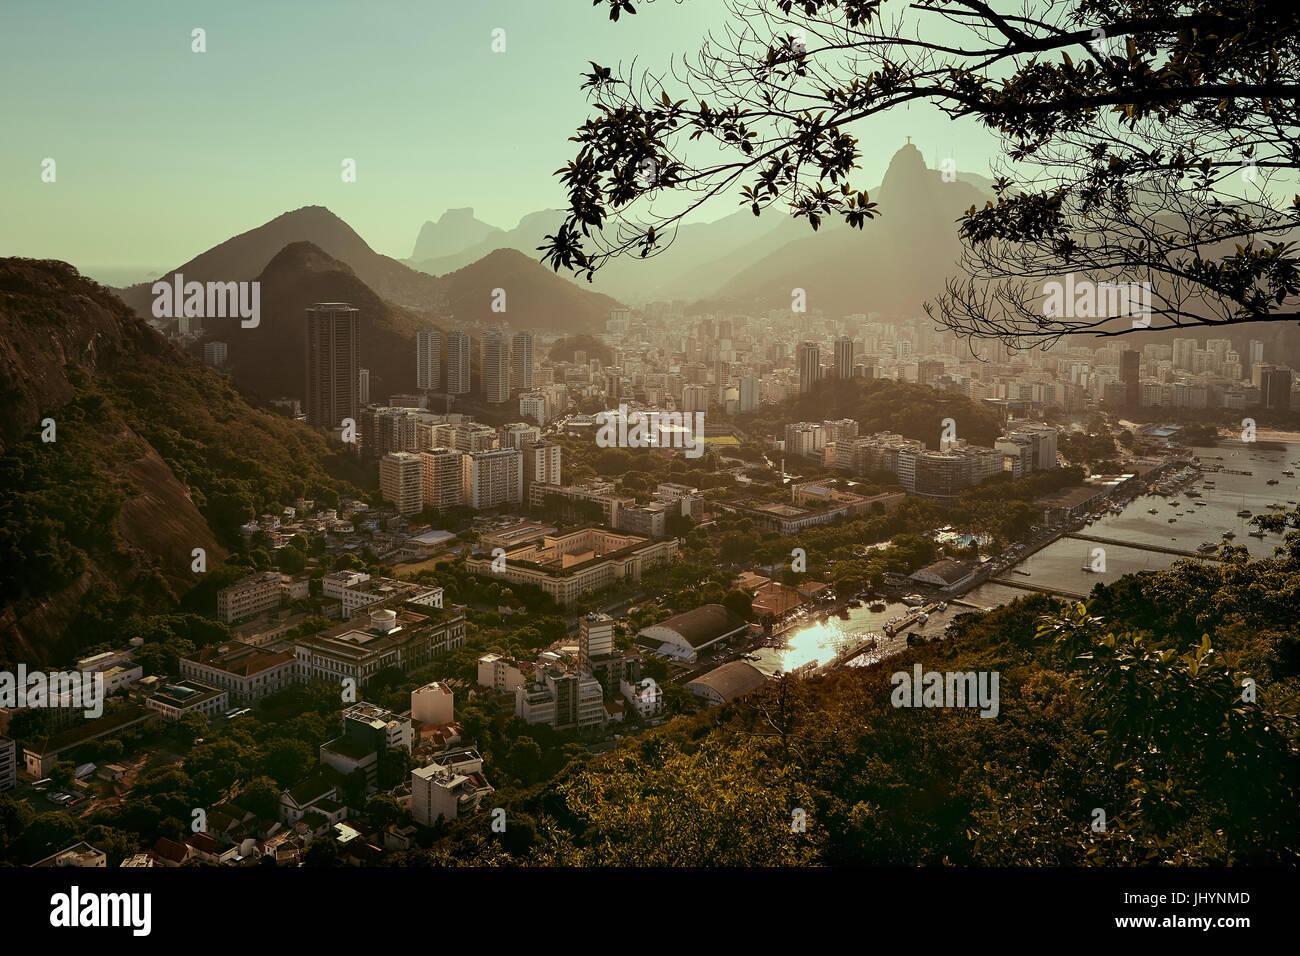 Vistas de Río de Janeiro y el Cristo Redentor de Sugarloaf mountain (Pao de Acuca) al atardecer, Río de Imagen De Stock